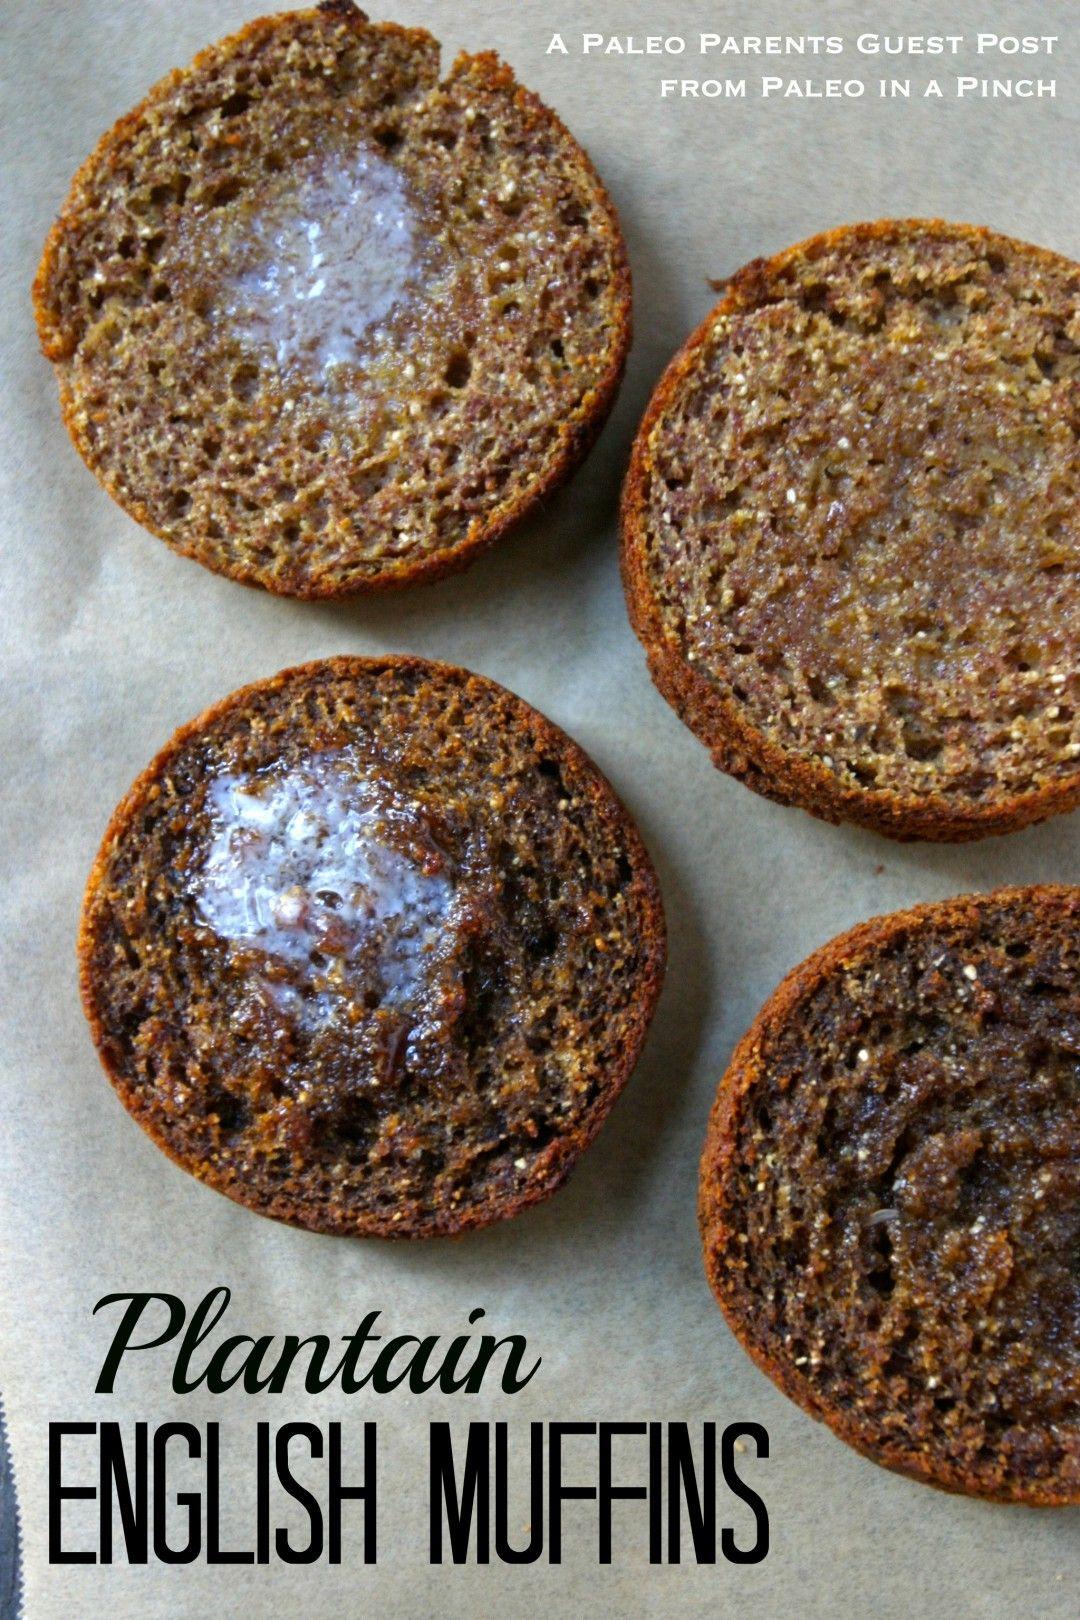 Paleo Plantain English Muffins-egg free-plantain, coconut flour, tapioca flour, gelatin.